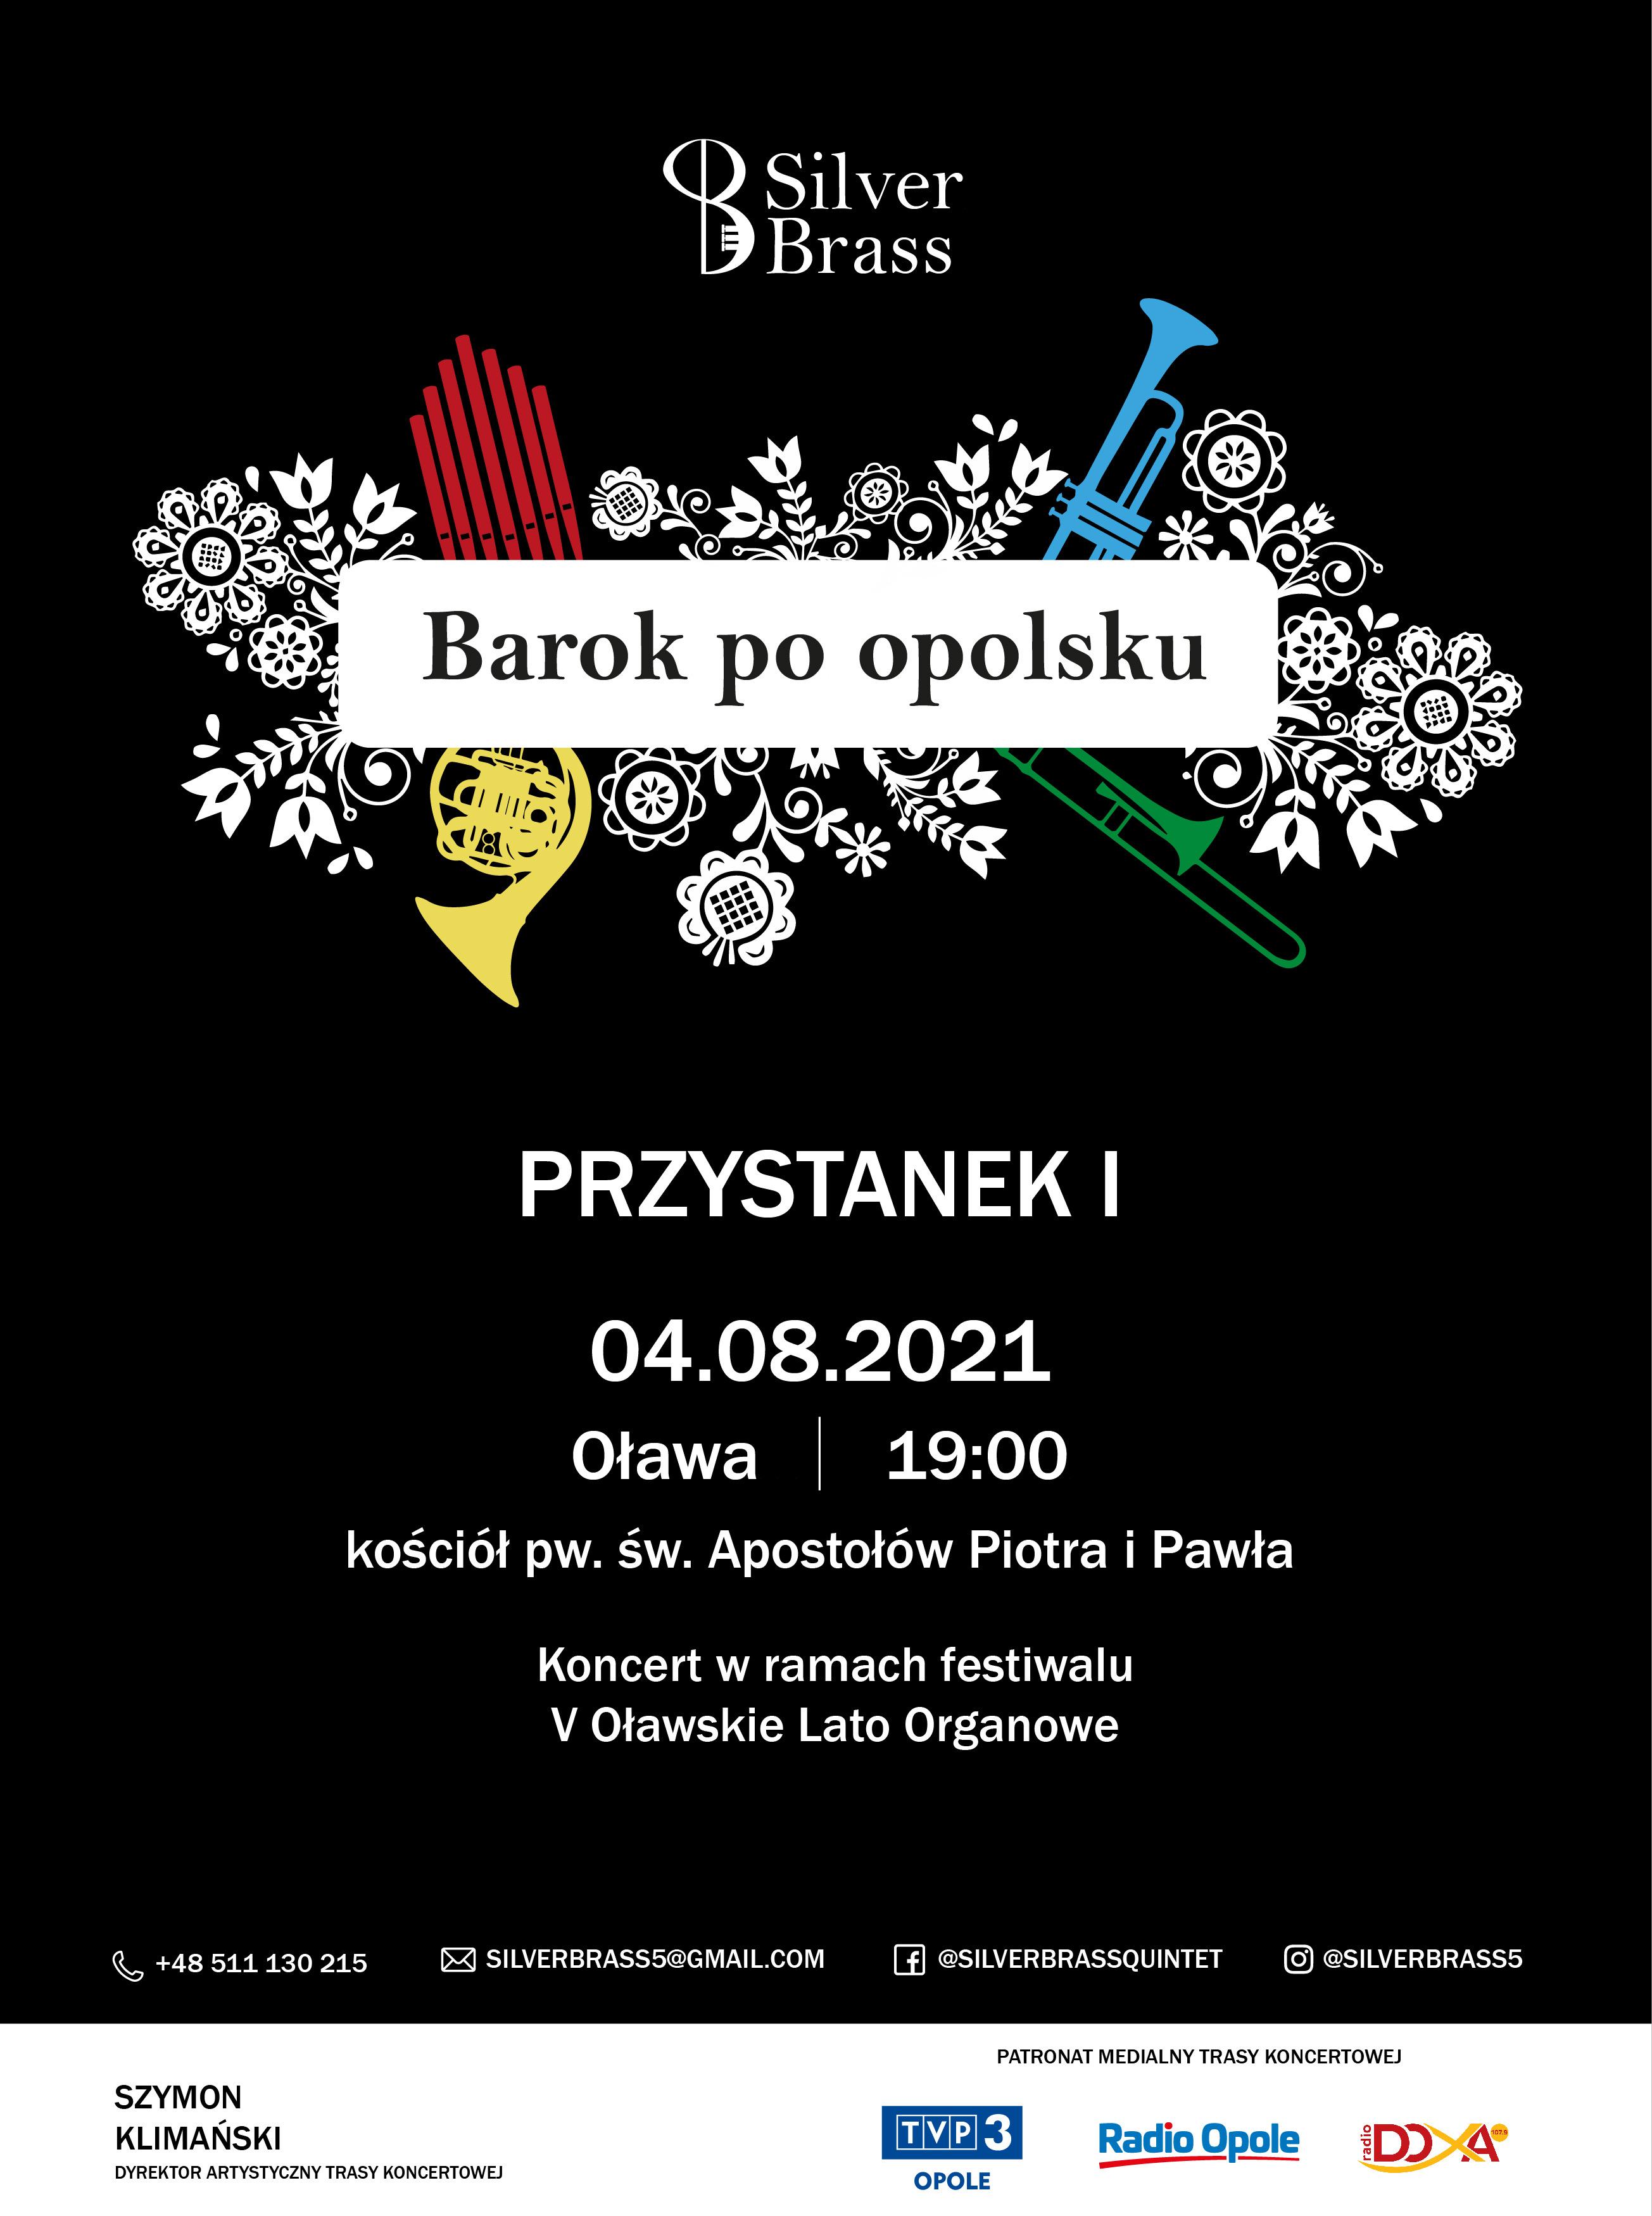 """""""Barok po opolsku"""" – zespół Silver Brass rusza w wyjątkową trasę koncertową! [materiały organizatora]"""